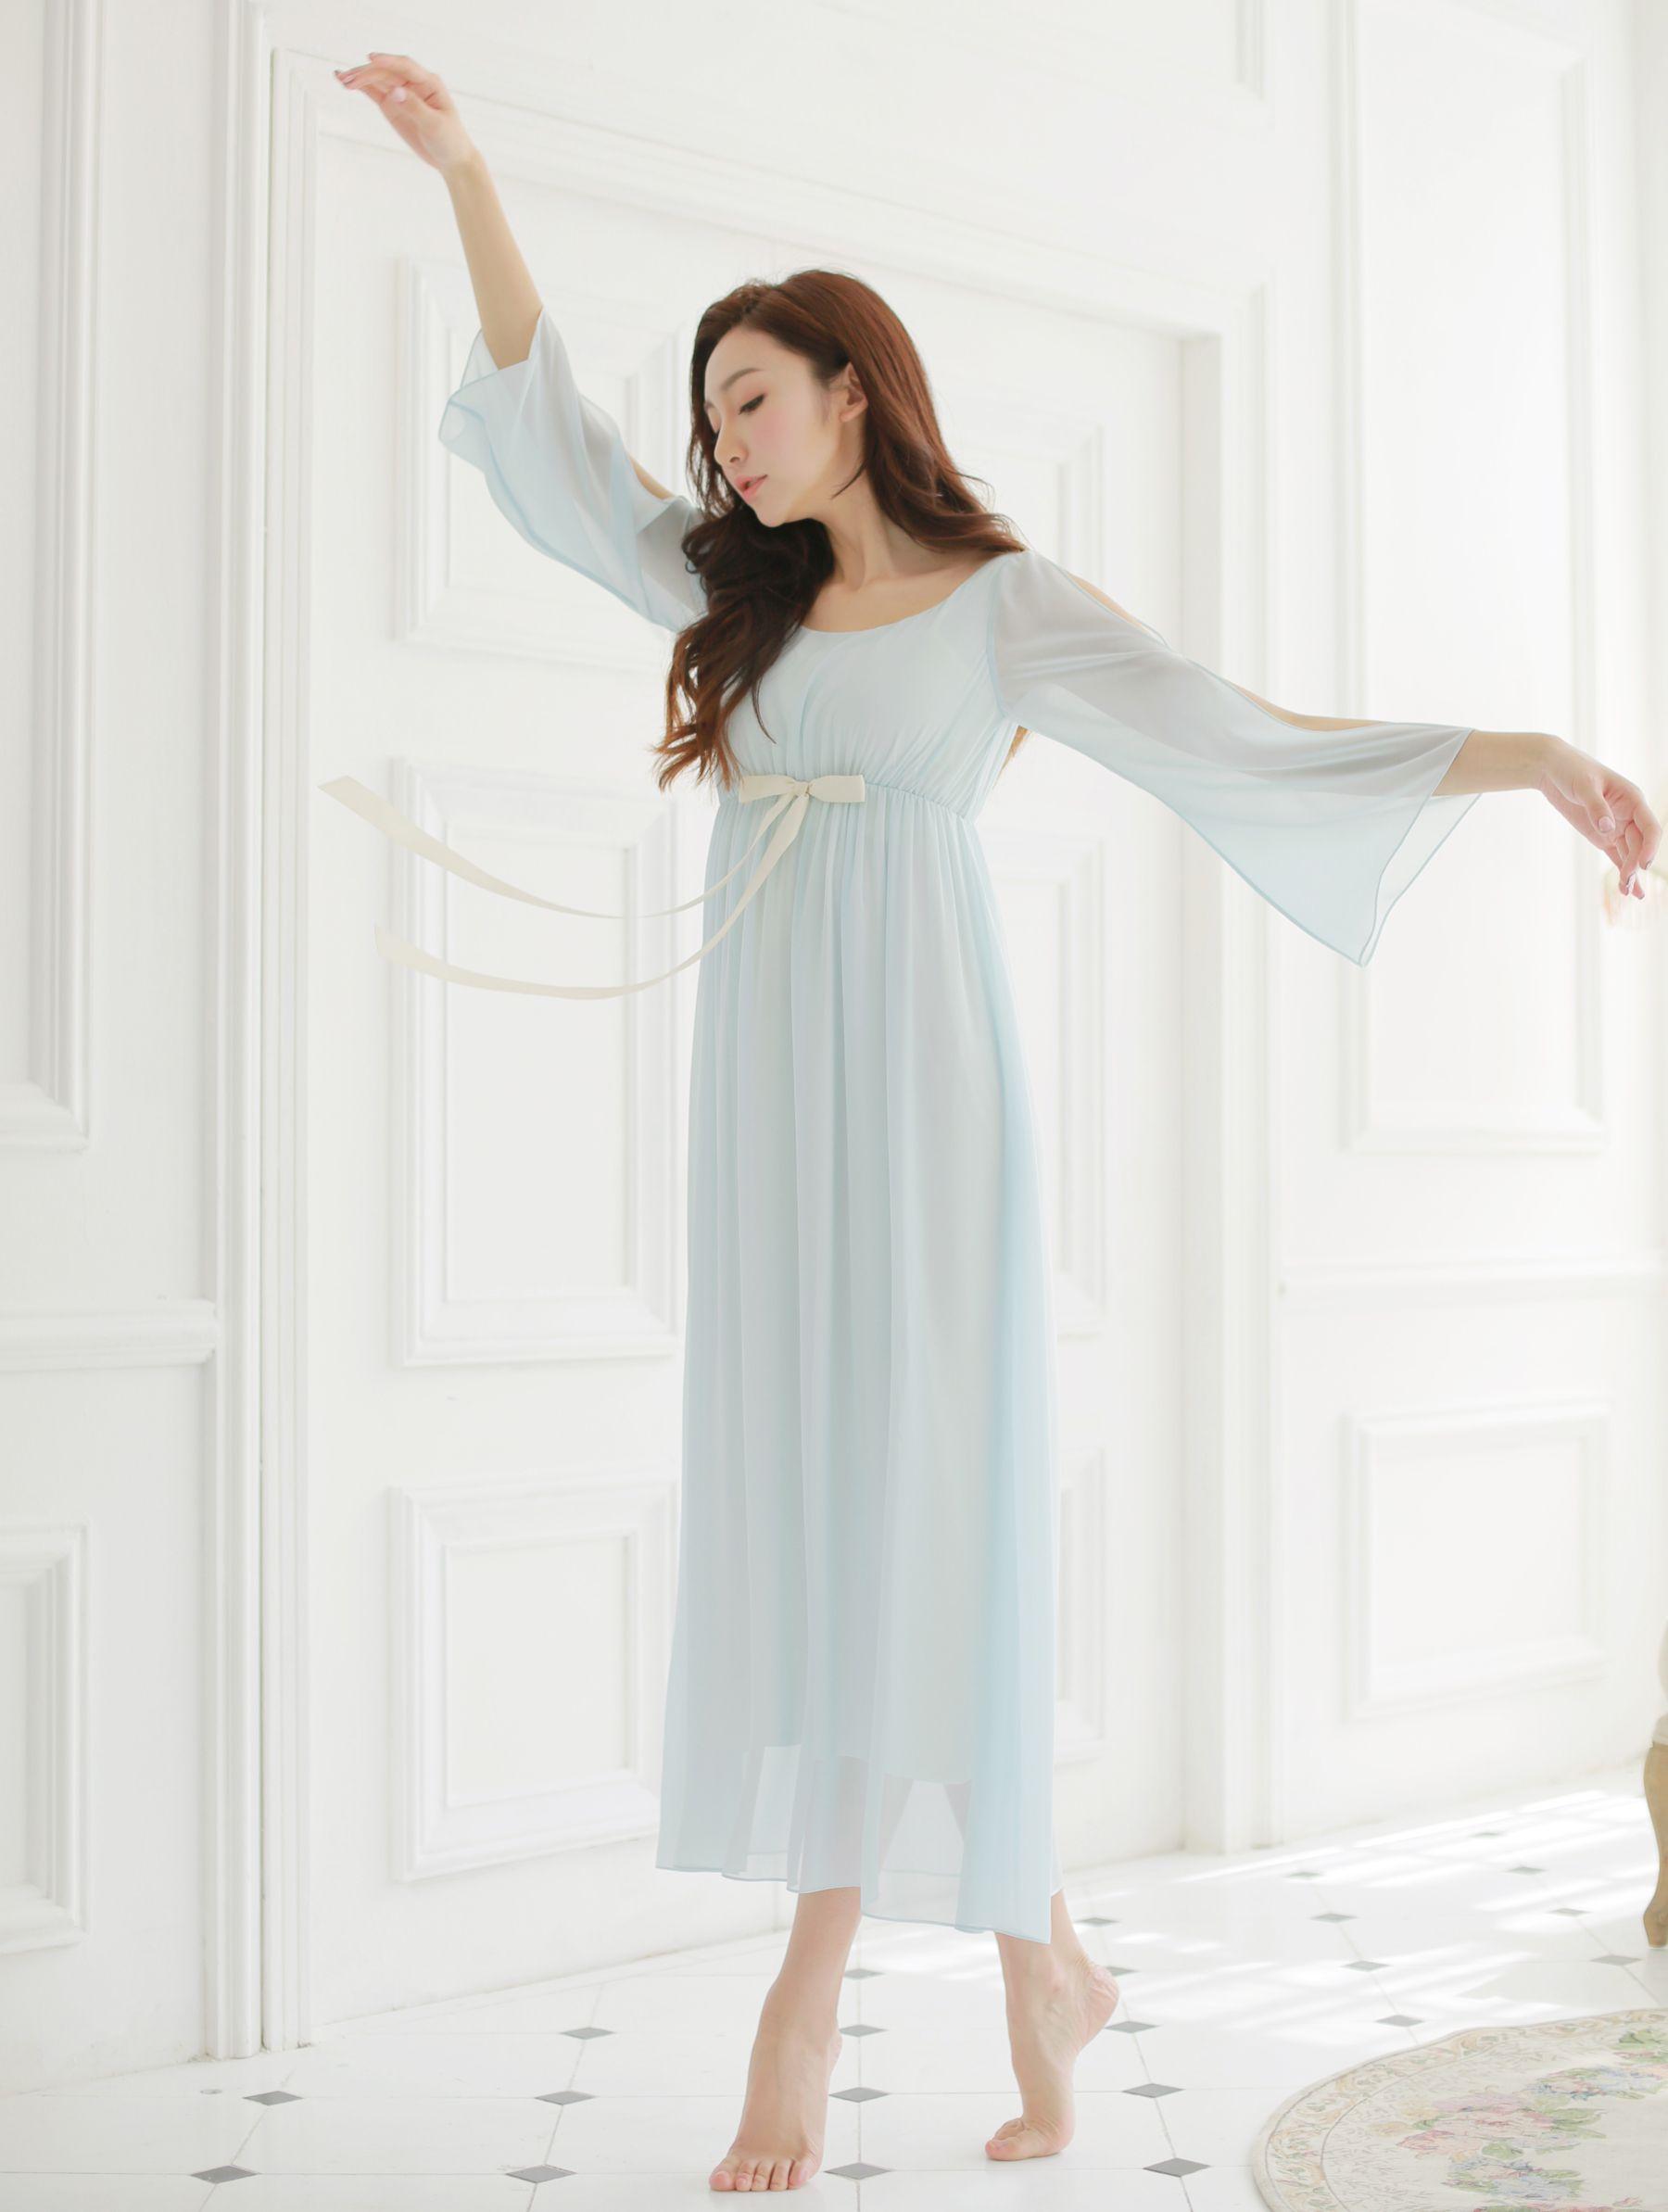 Trouver plus robes de chambre et chemises de nuit informations sur 2015 t femmes mousseline - Robe de chambre femme ete ...